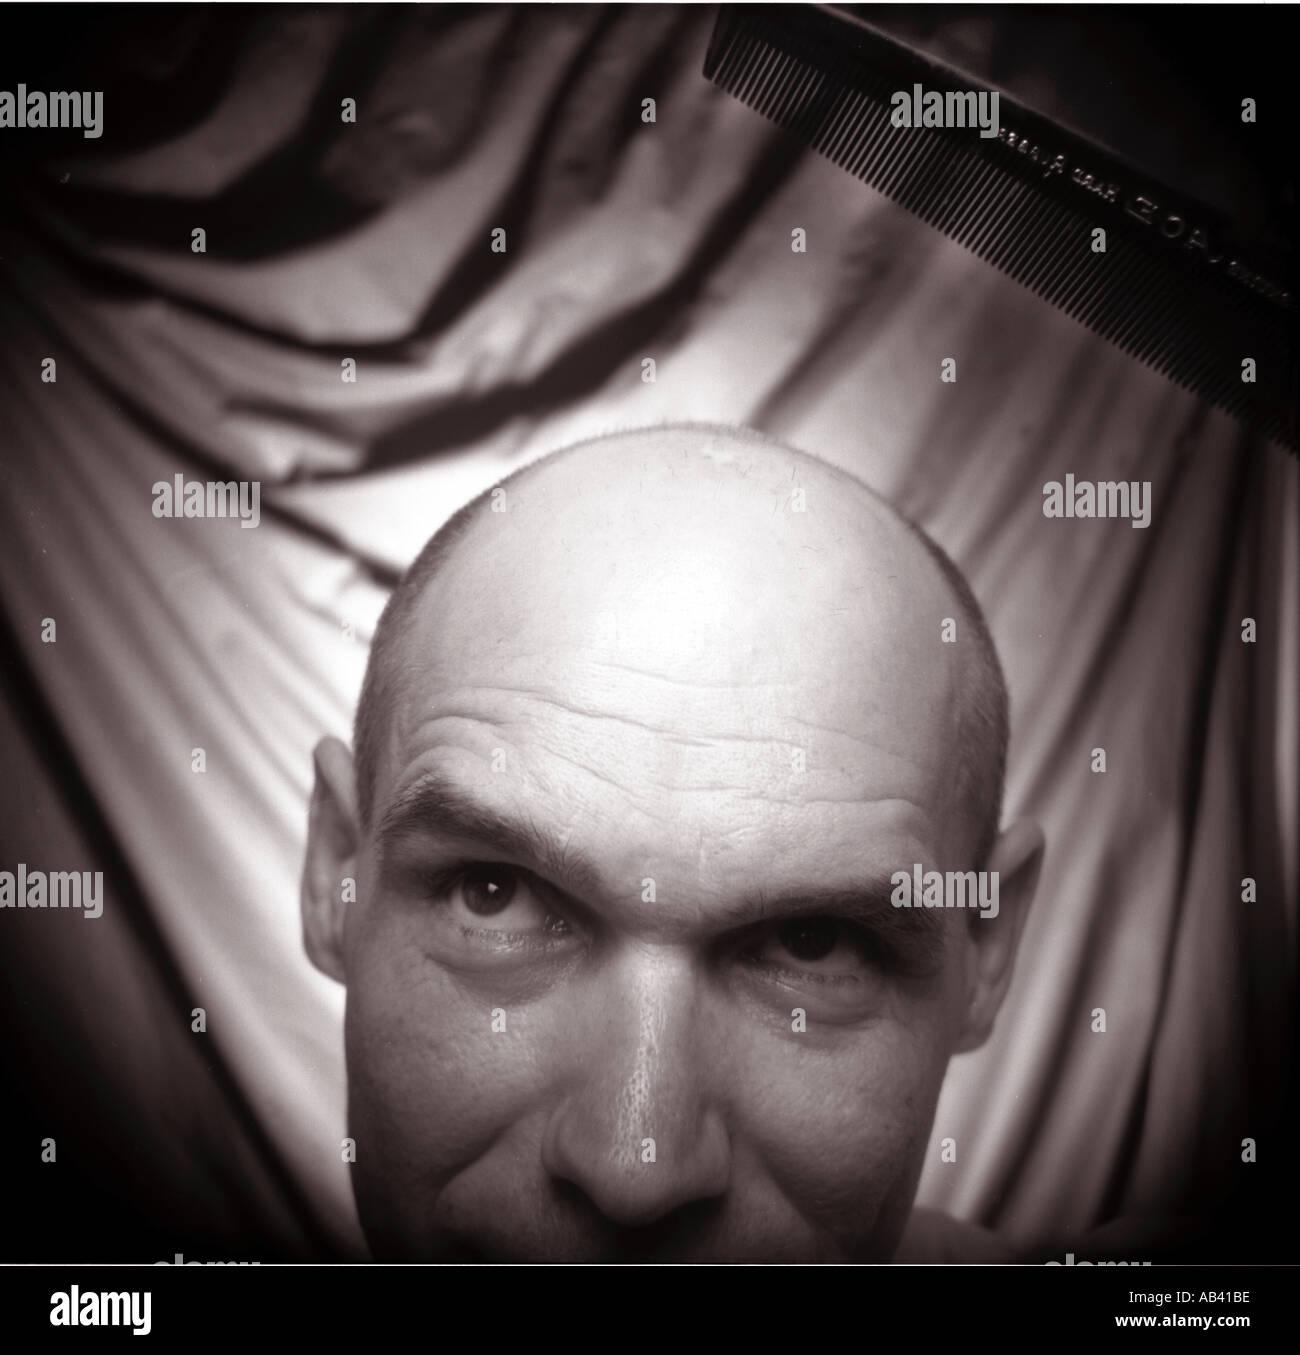 Uomo calvo la pettinatura della sua ultima ciocca di capelli umorismo Immagini Stock